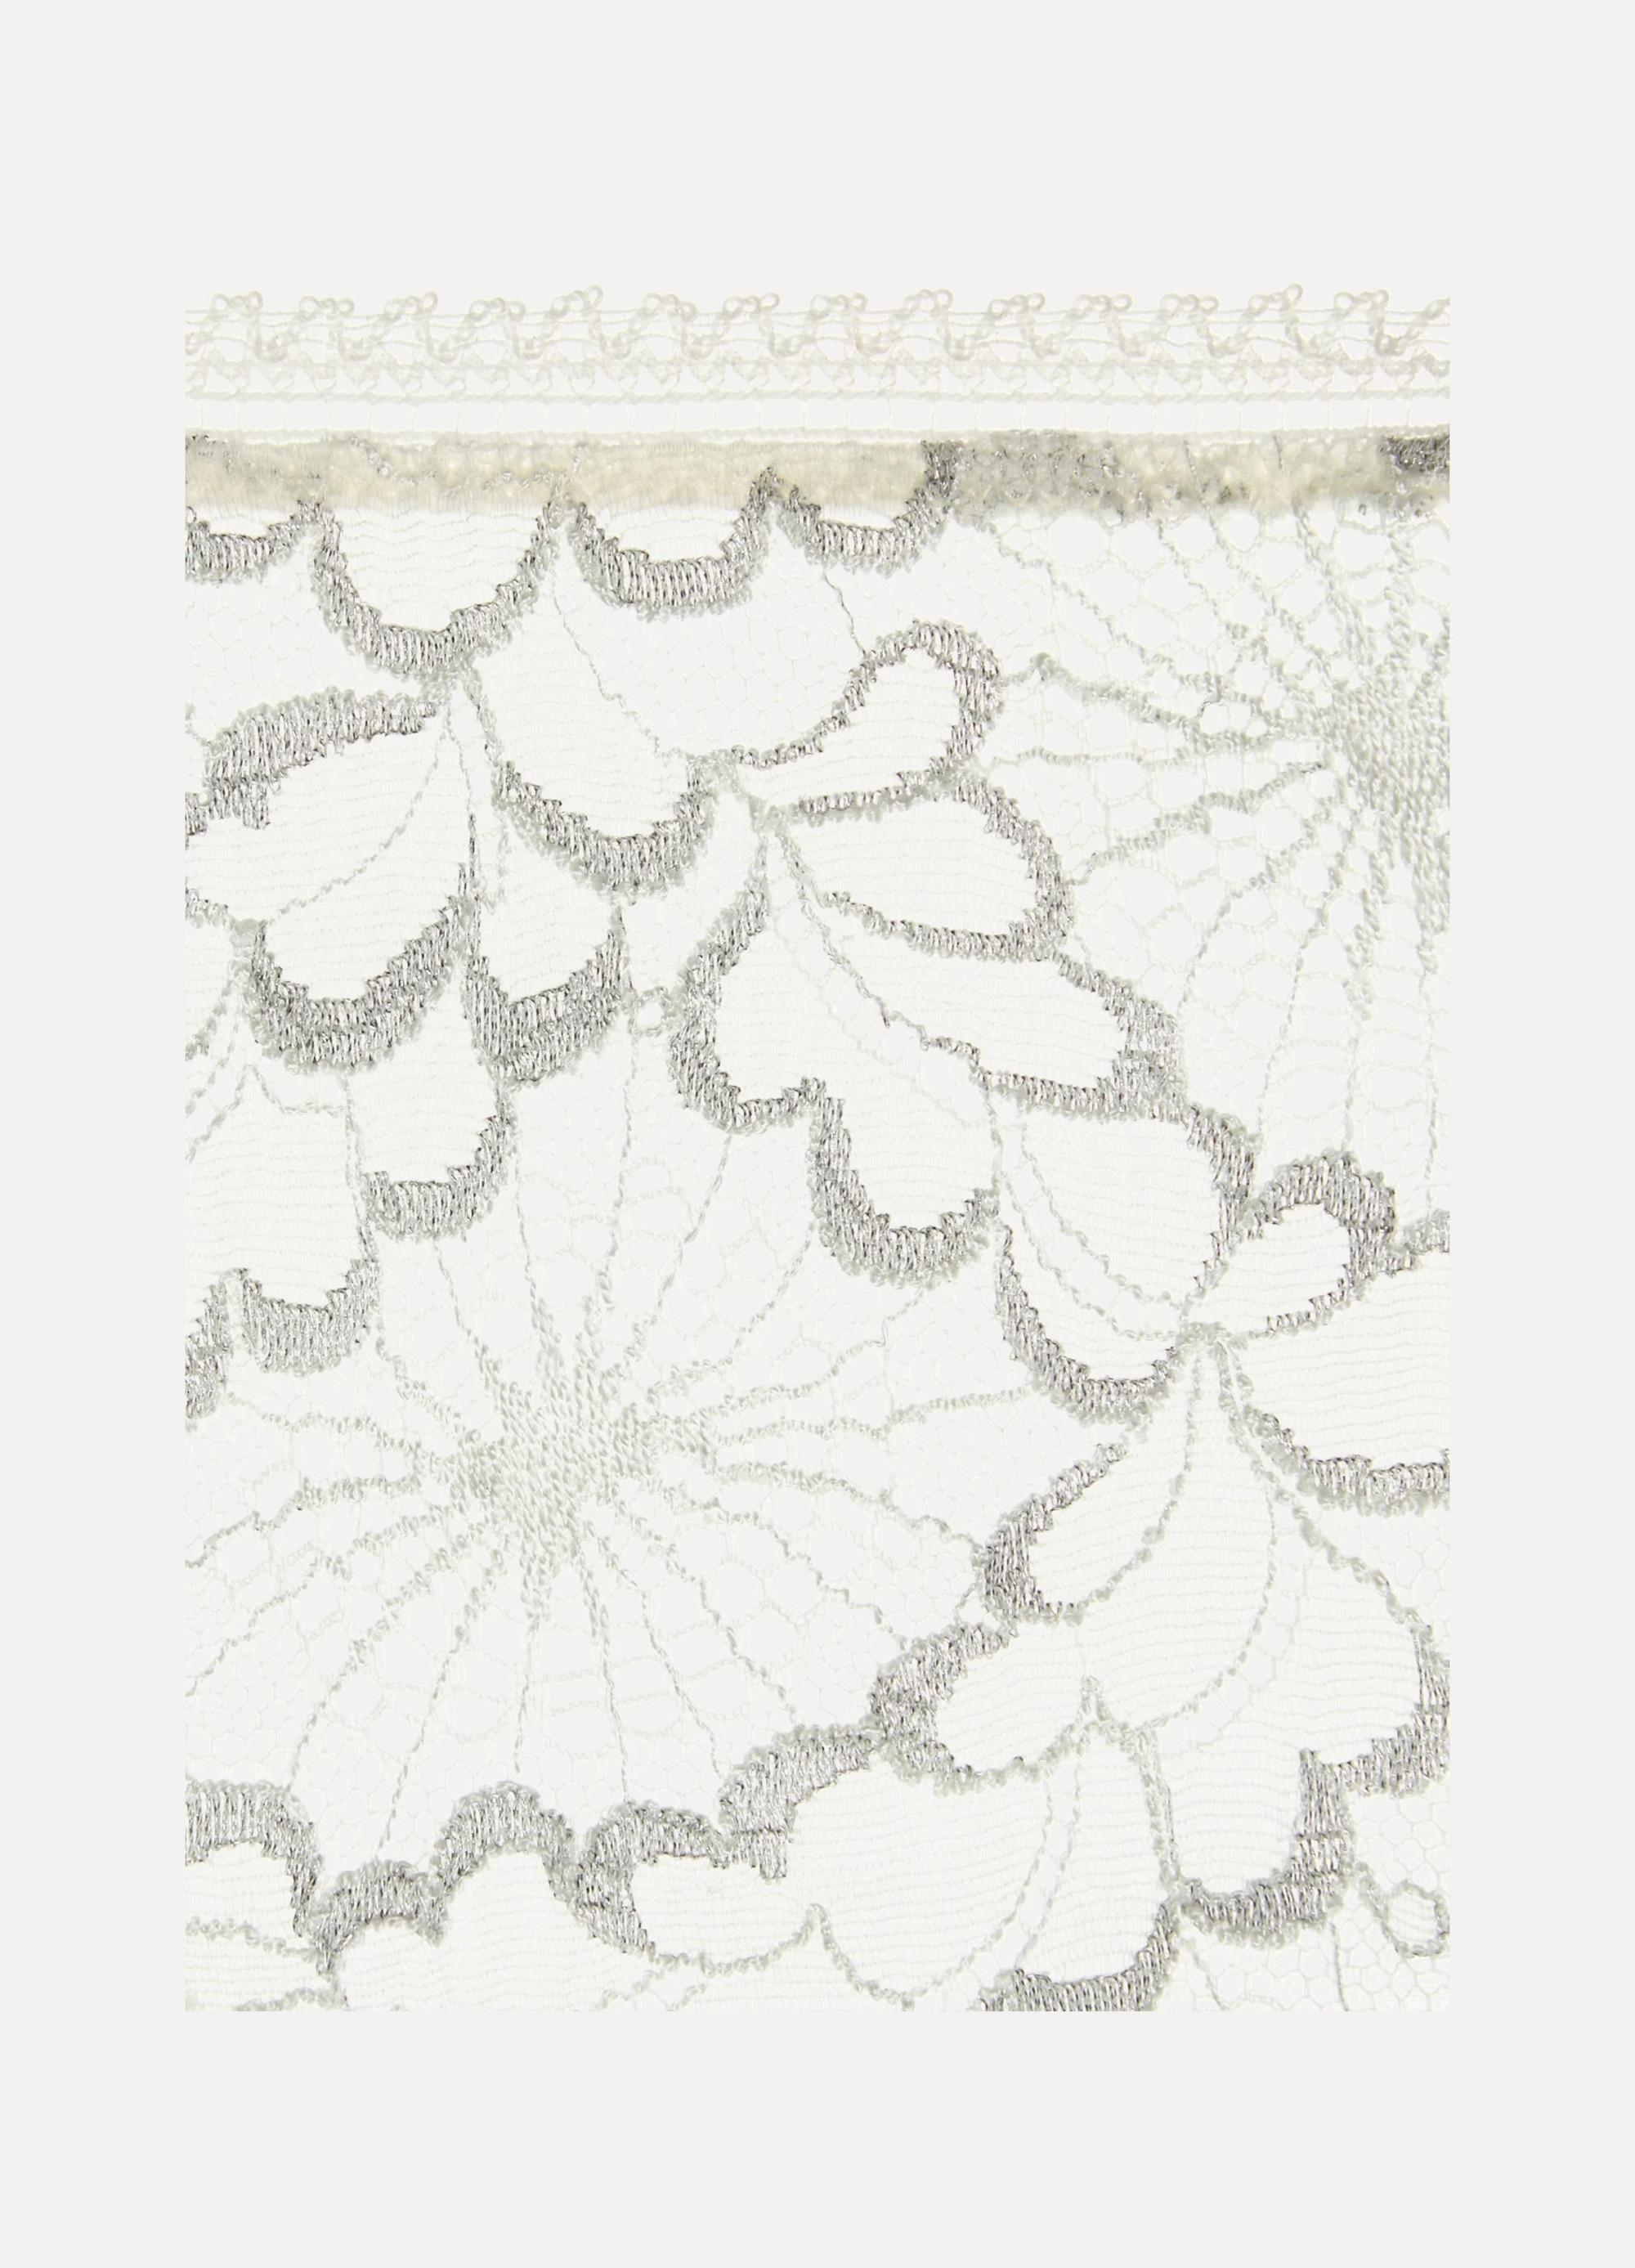 Eres Allegorie Prolixe stretch-lace briefs